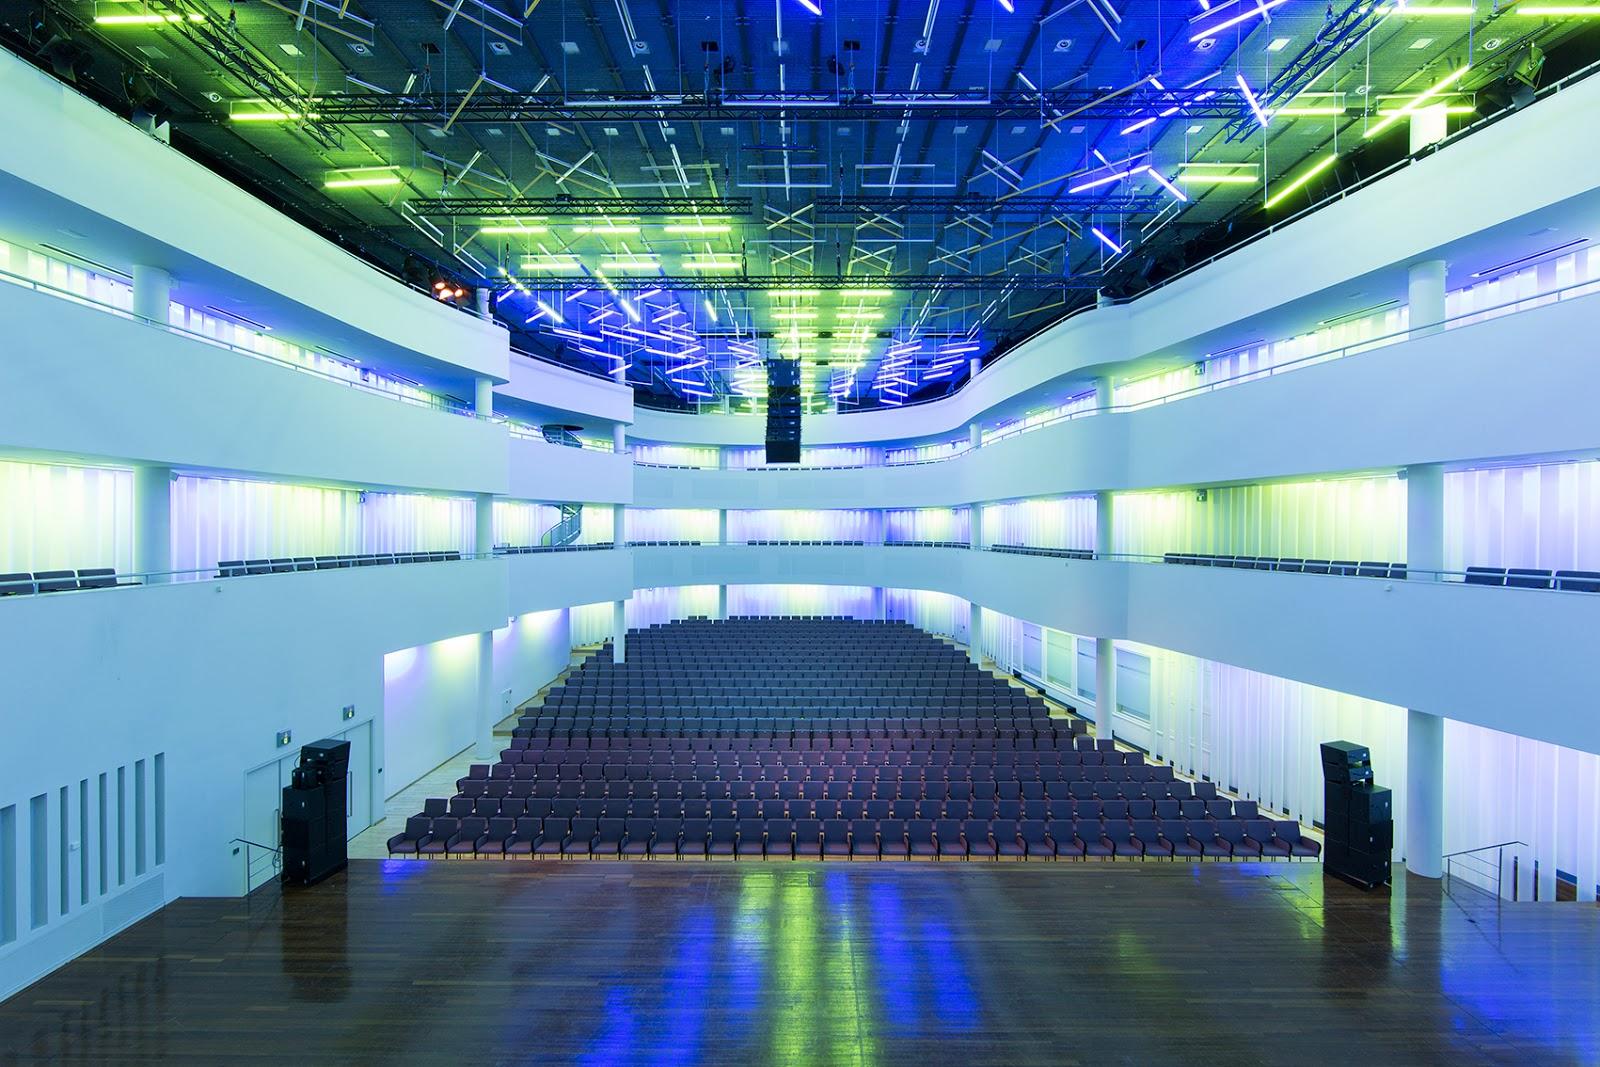 Fotograaf Michael Van Oosten Concert Hall Of The Theatre